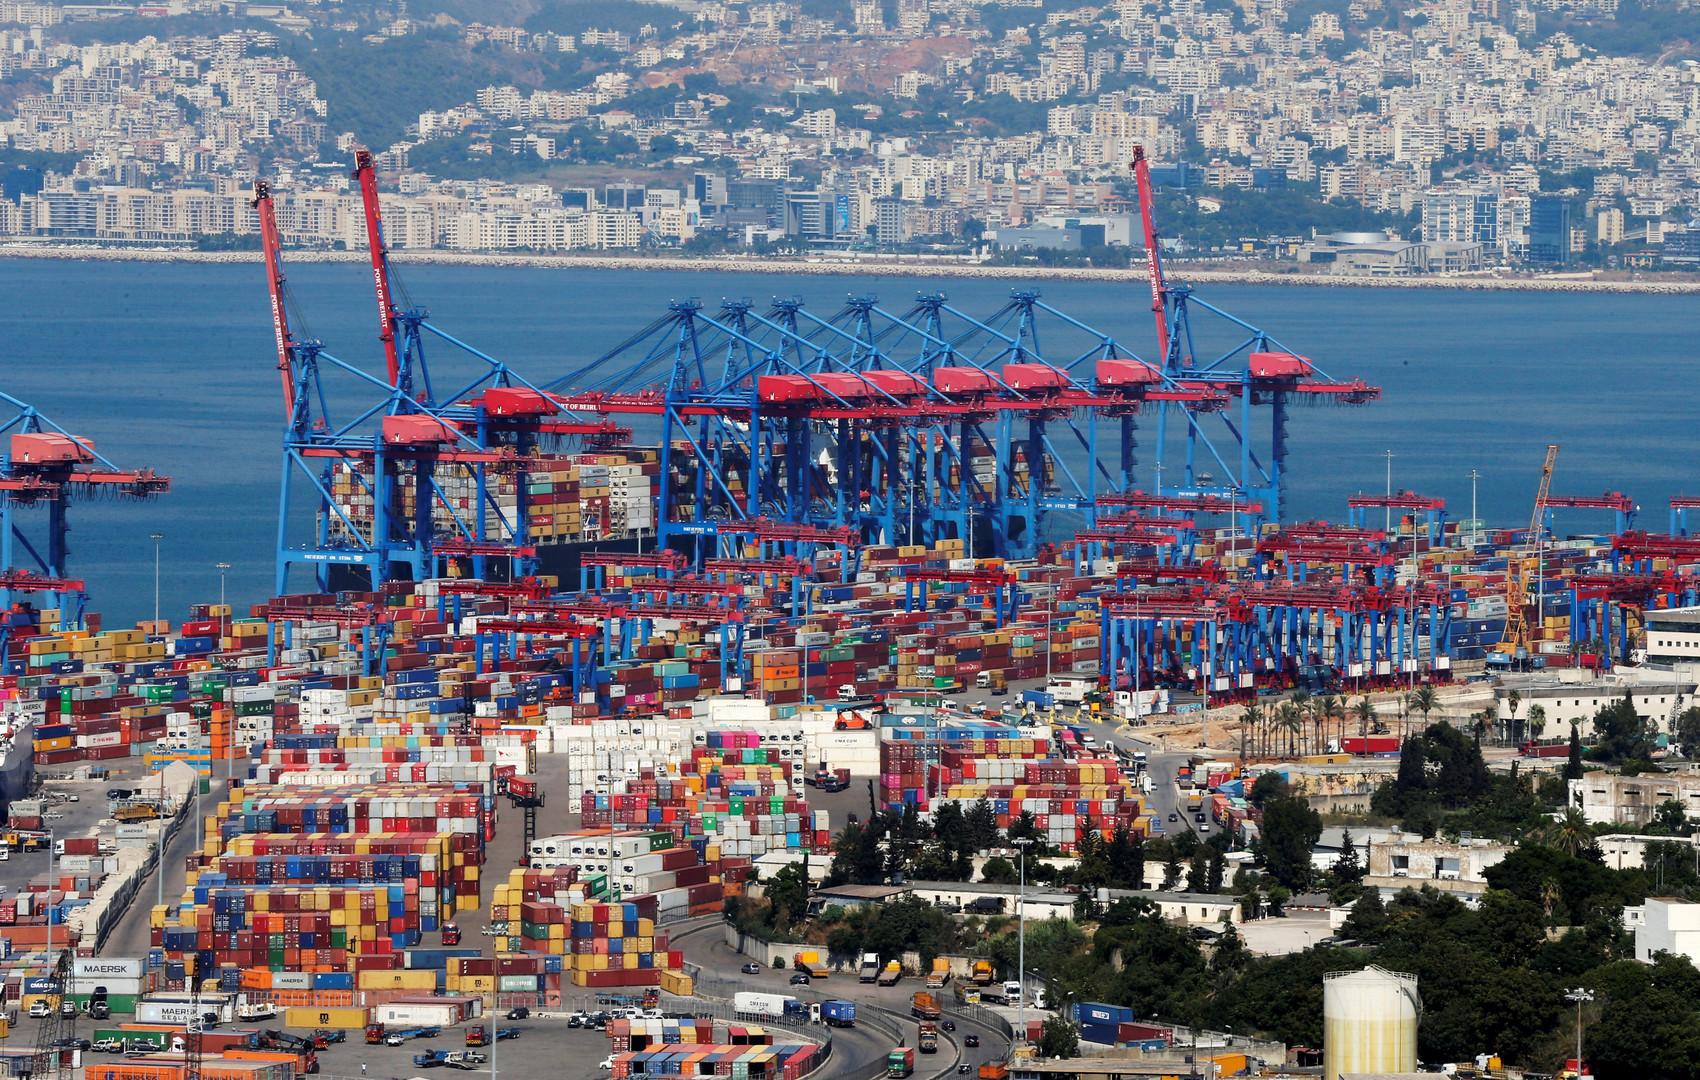 وزارة المال اللبنانية لـRT: لم نتبلغ بأن ناقلة